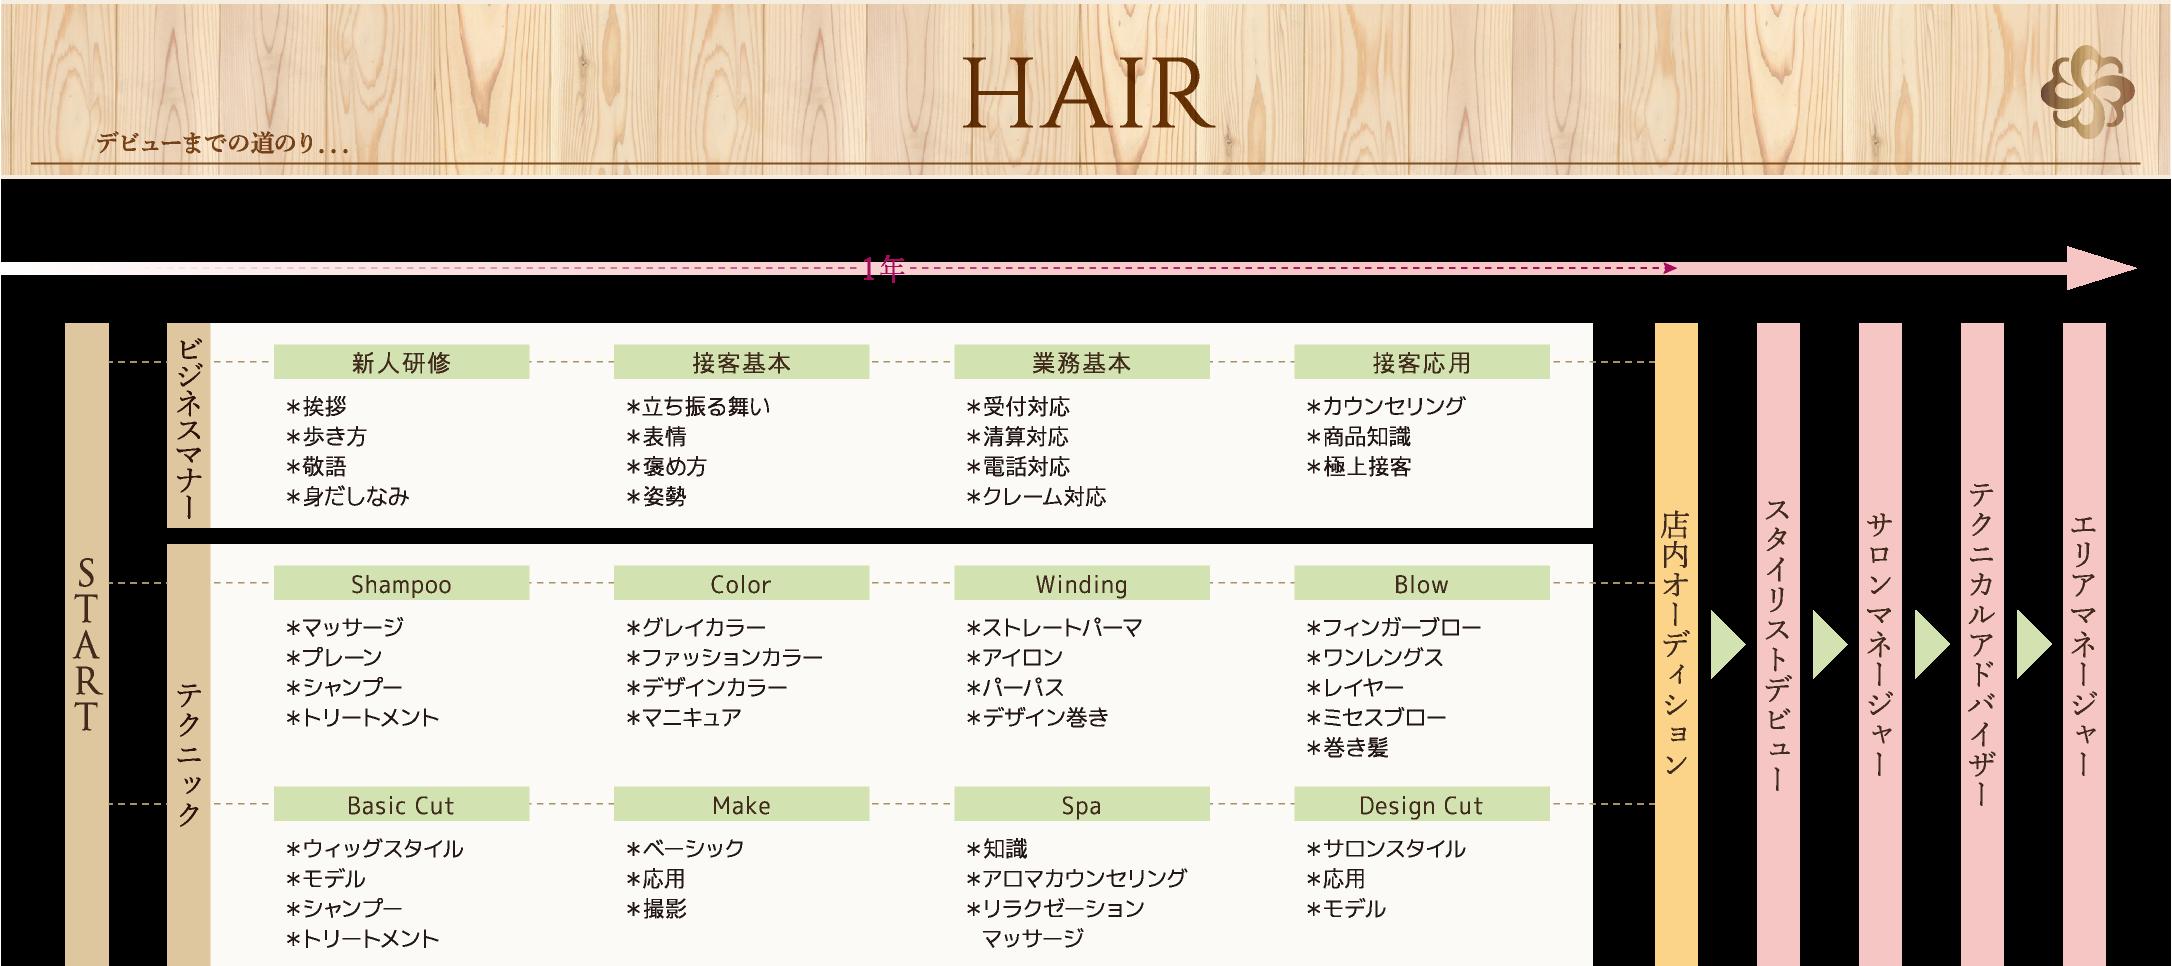 美容師のキャリアプラン